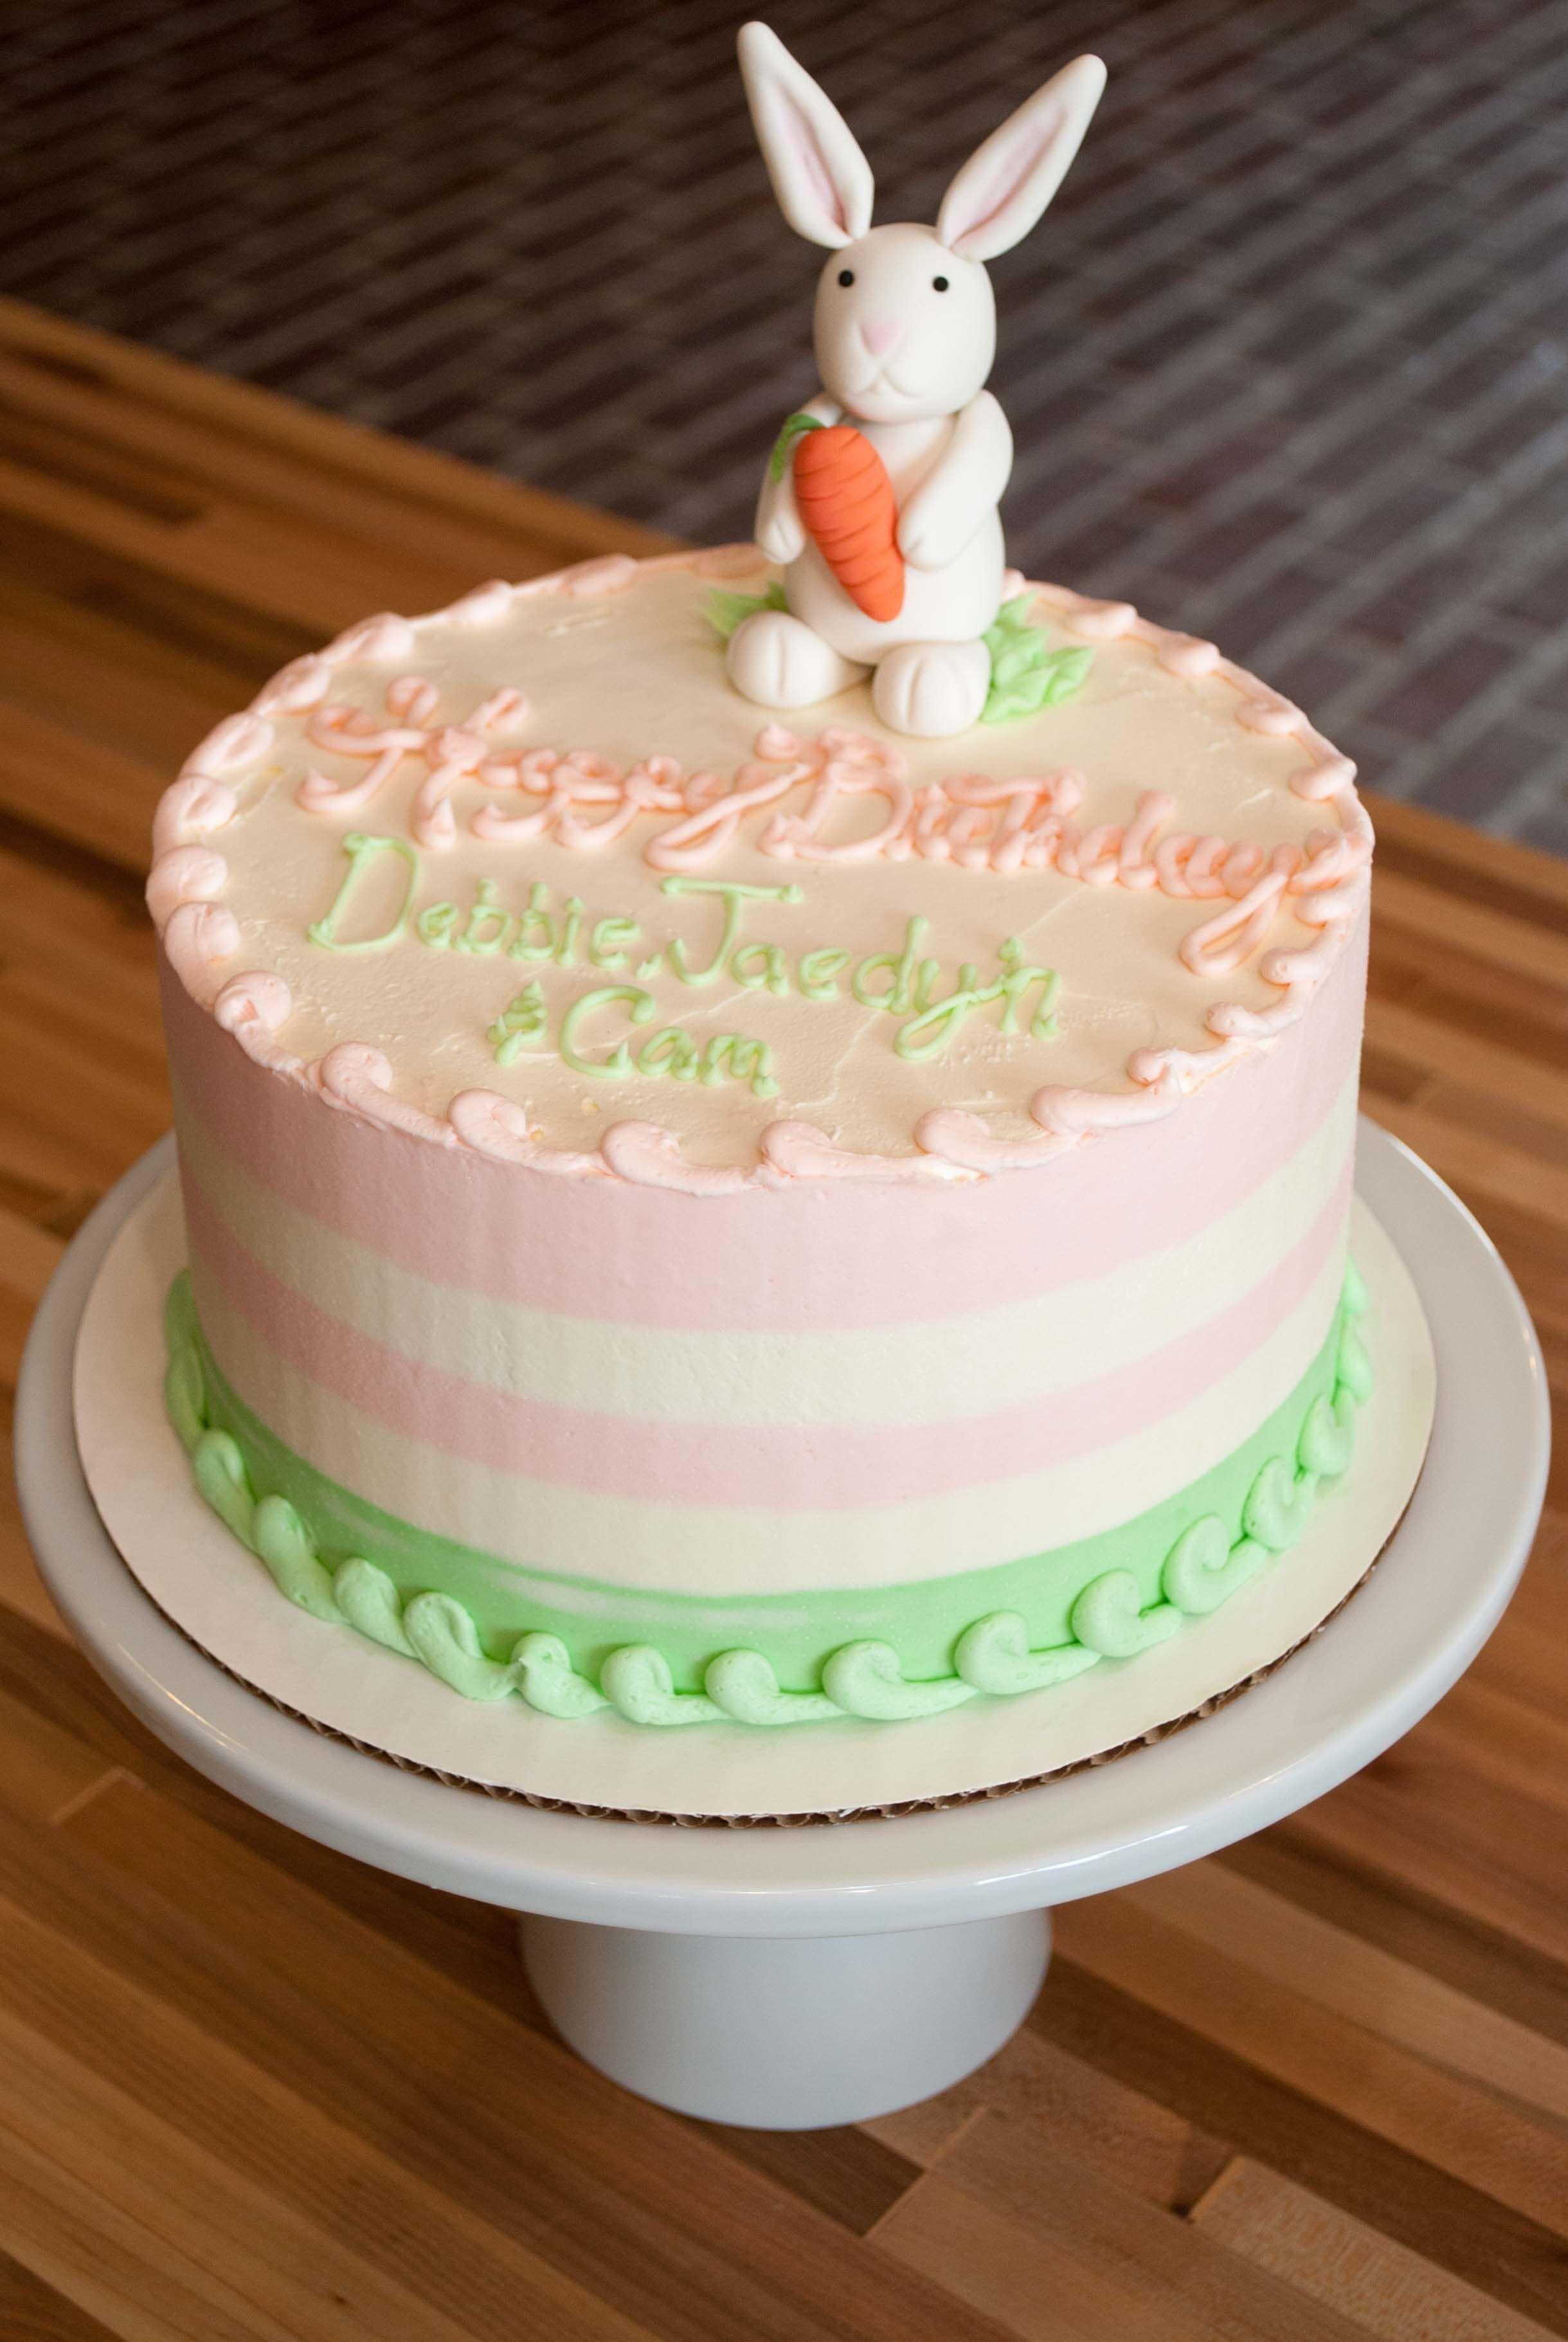 Pin on Cake n cupcakes